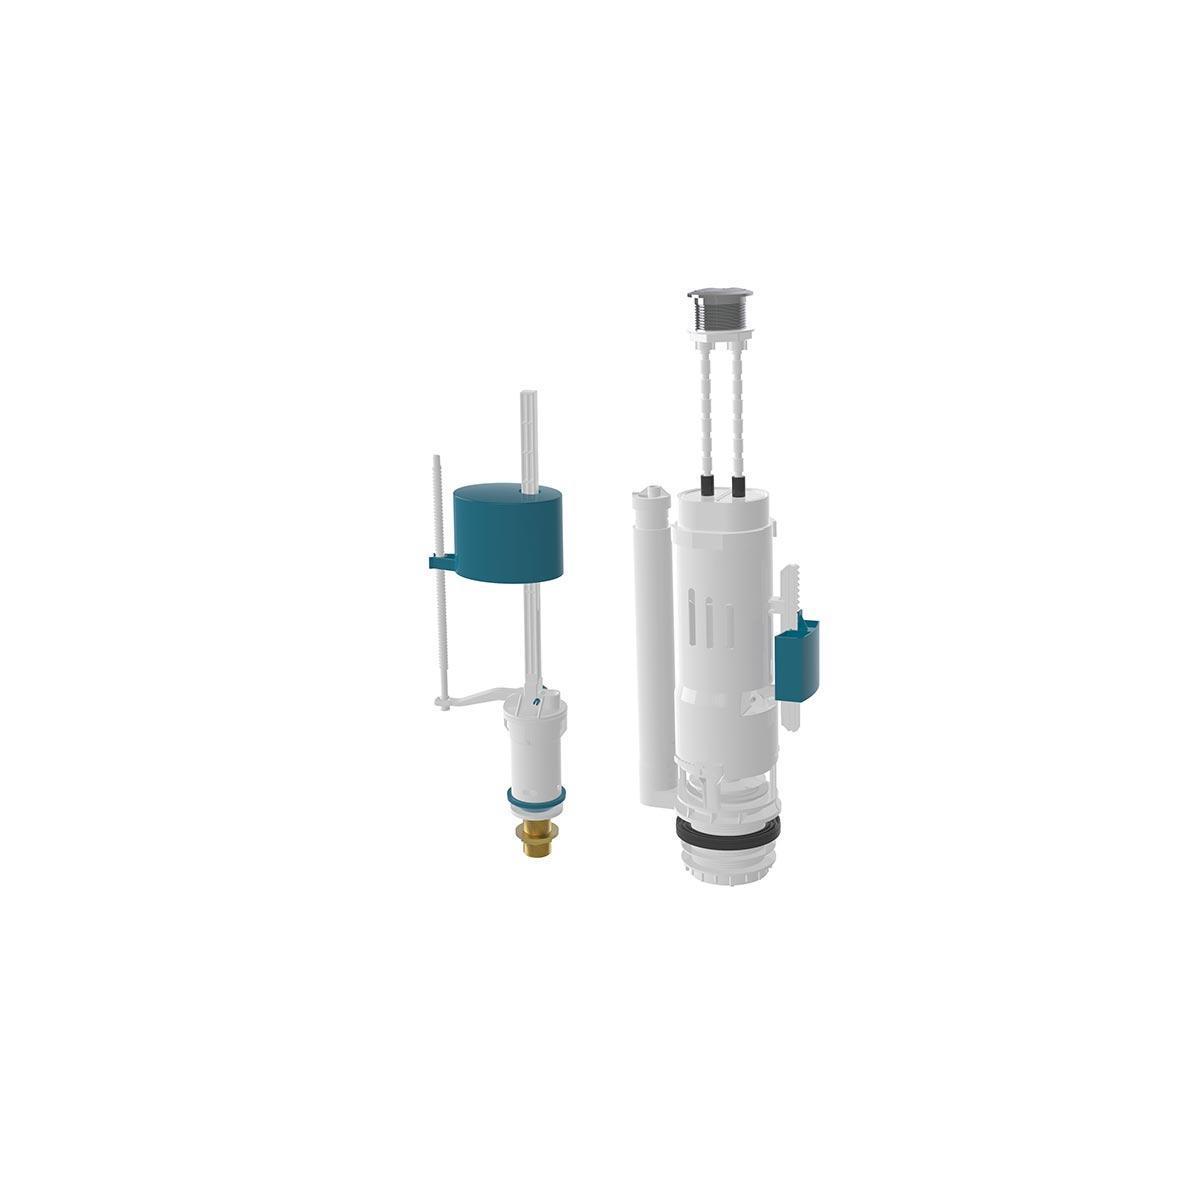 Комплект двухуровневой смывной арматуры 3/6 литров, с клапаном нижней подачи воды 3/8 (NOVA 4130)